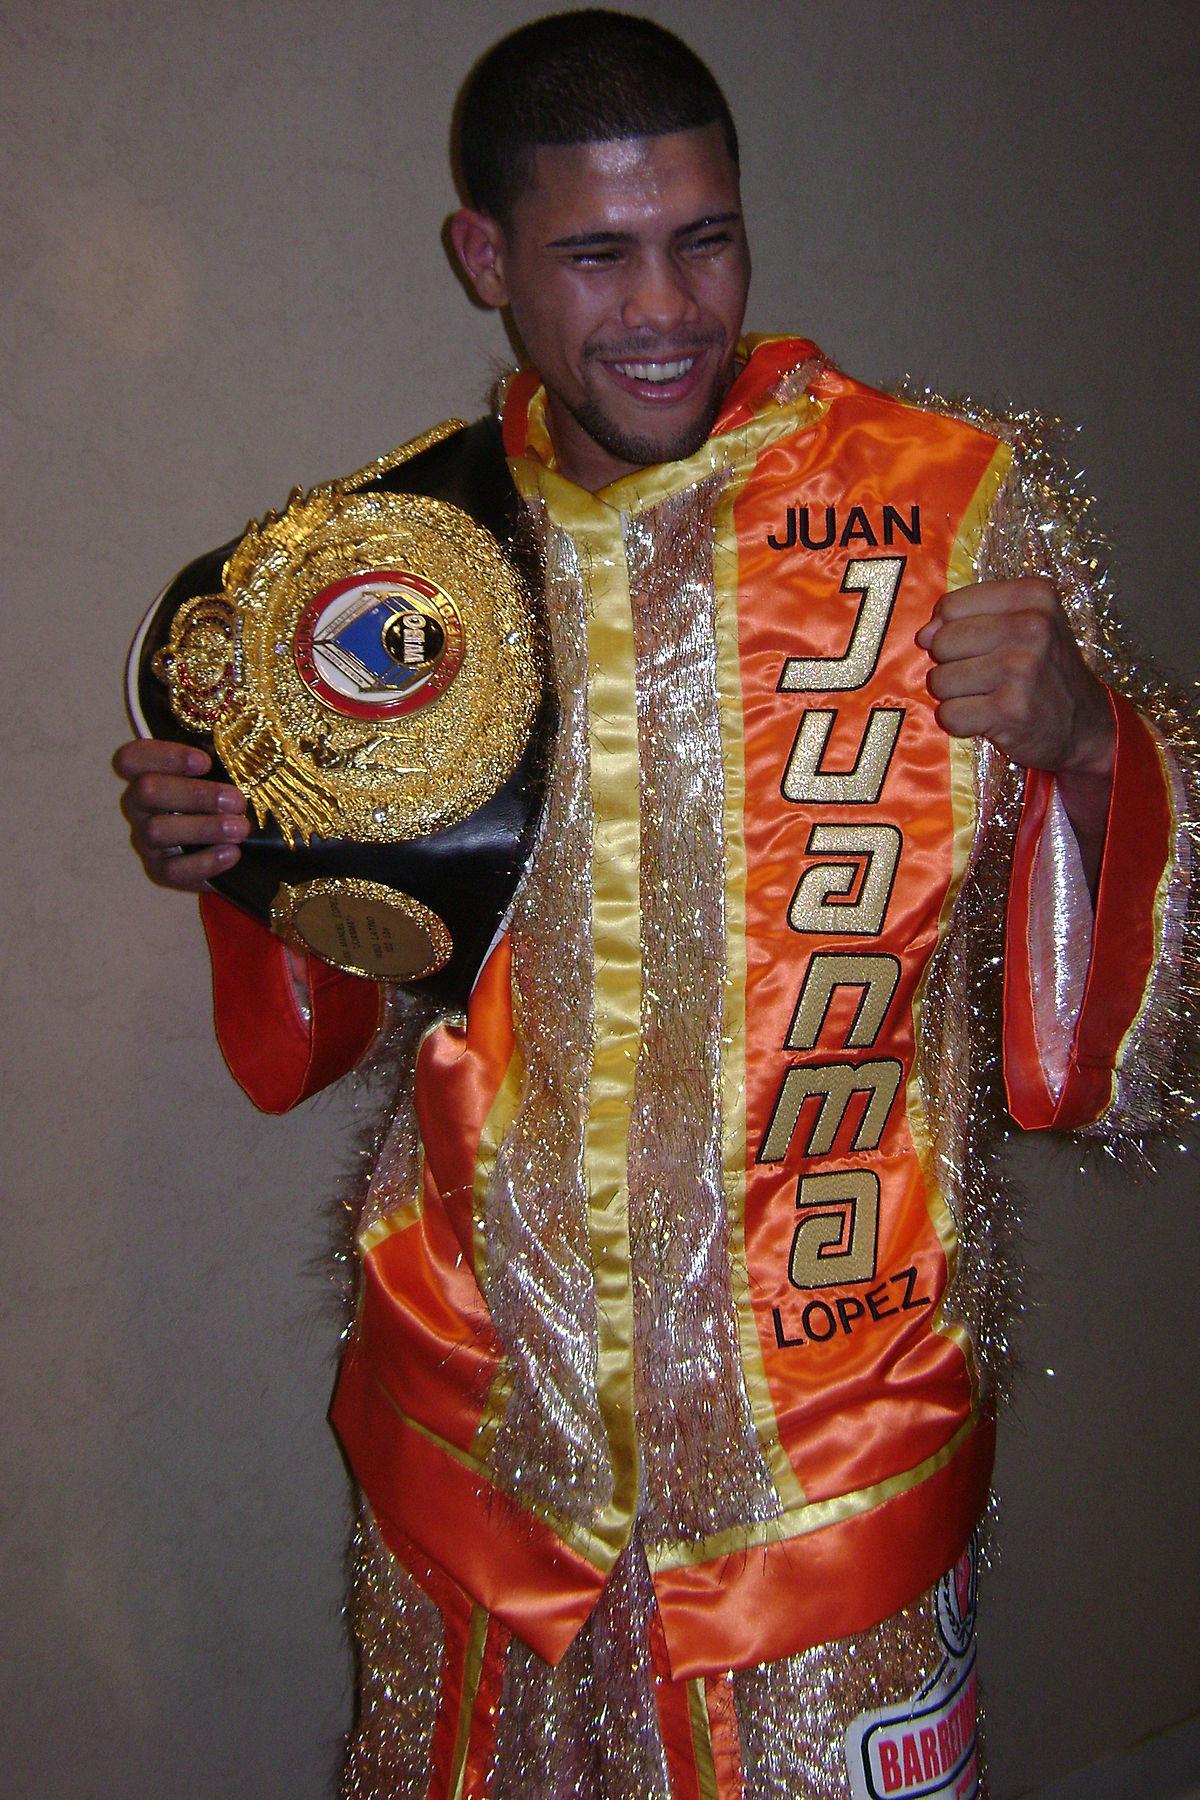 Championship belt - Wikipedia